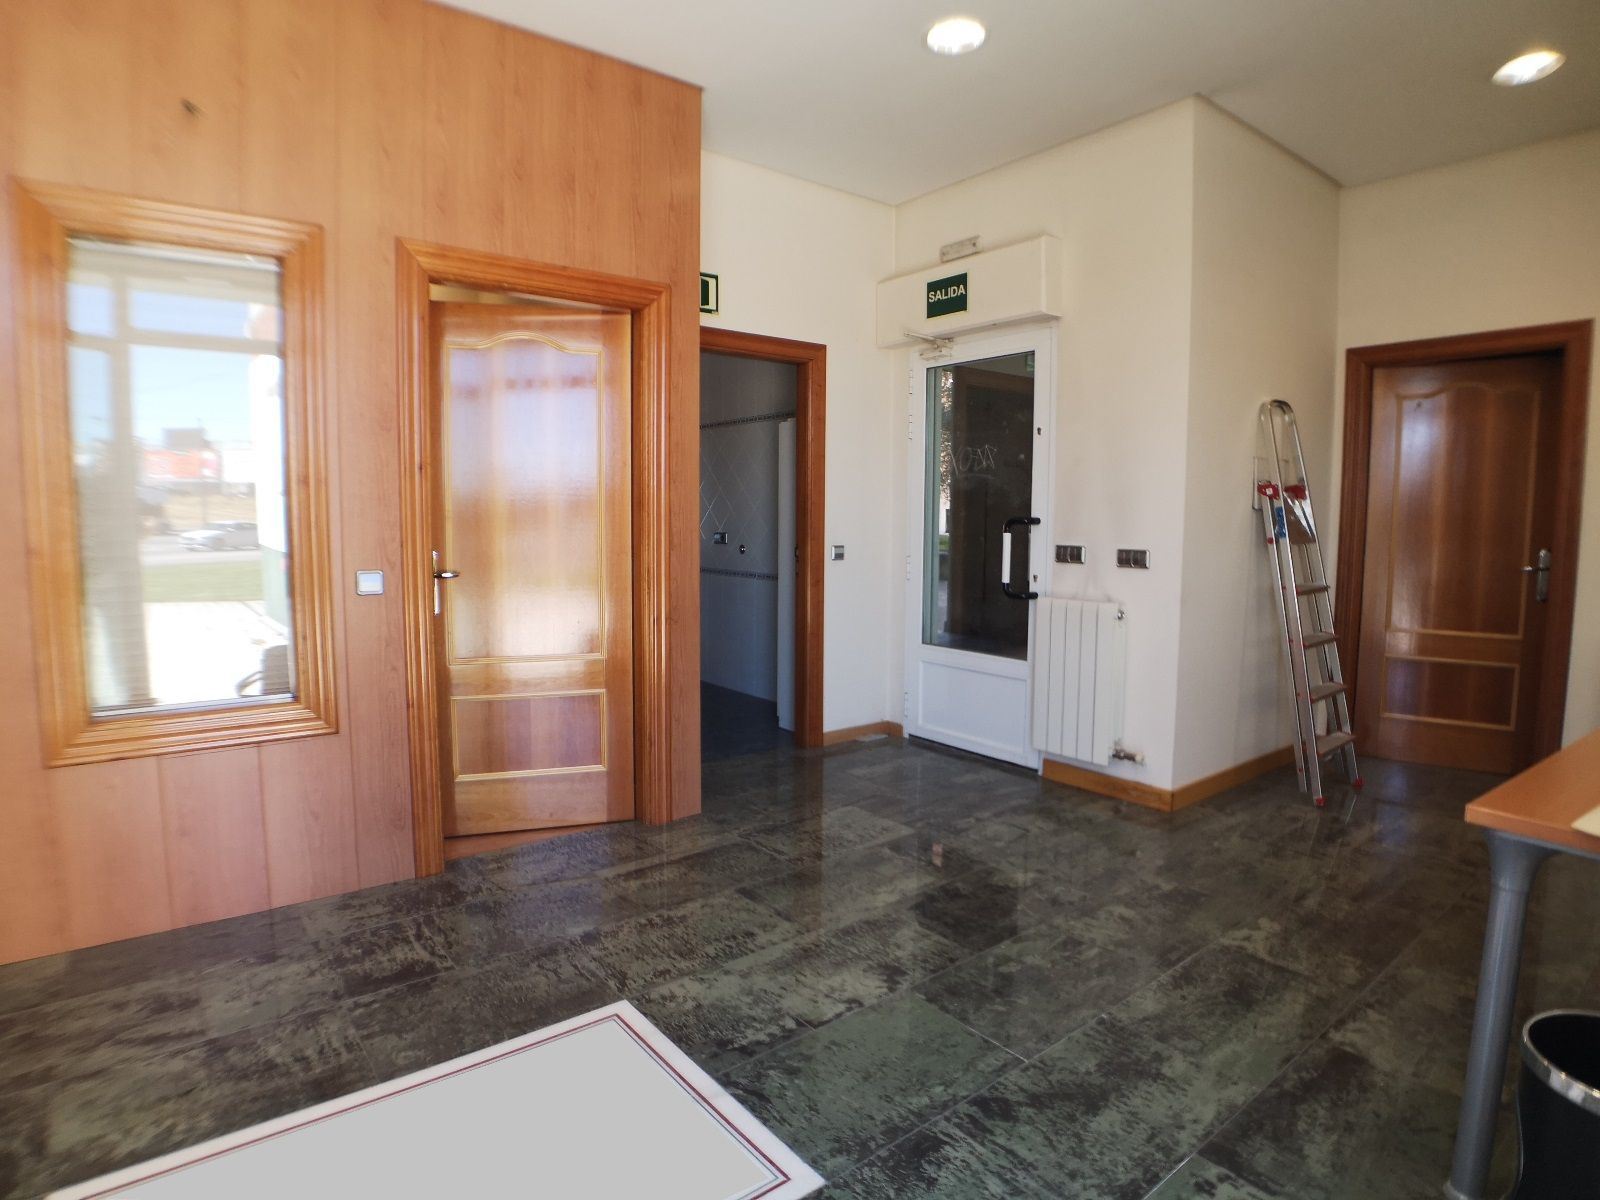 dia.mobiliagestion.es/Portals/inmoatrio/Images/6863/5048590